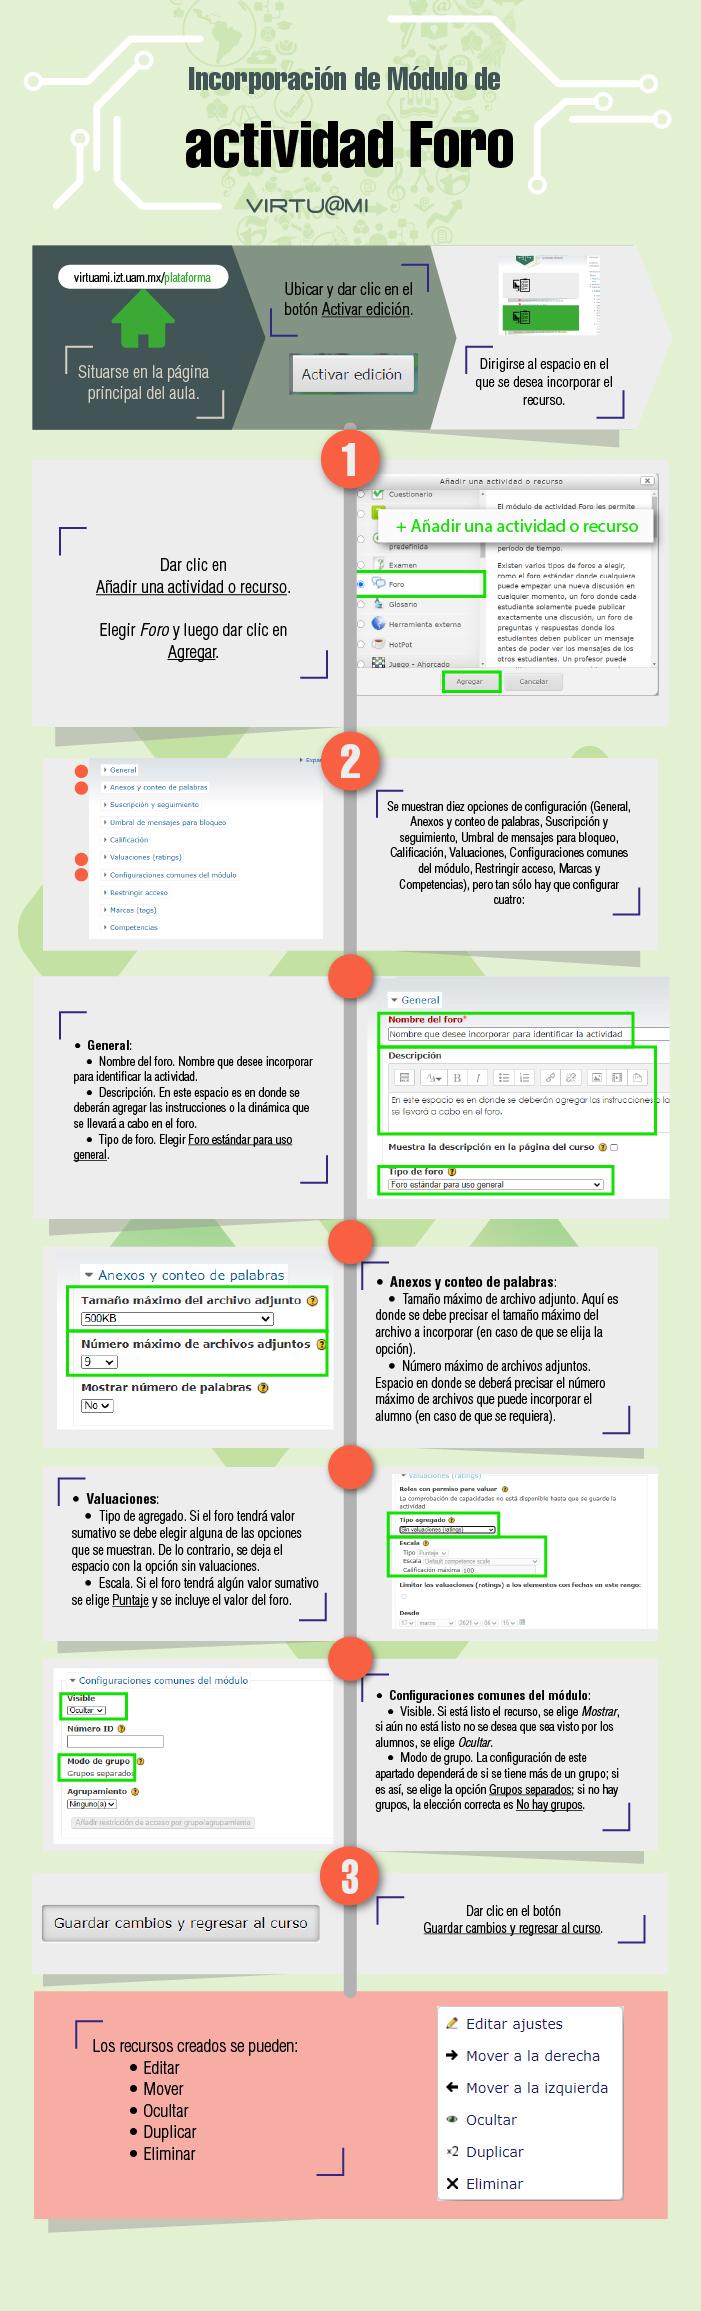 Infografía Moodle. Incorporar actividad de Foro